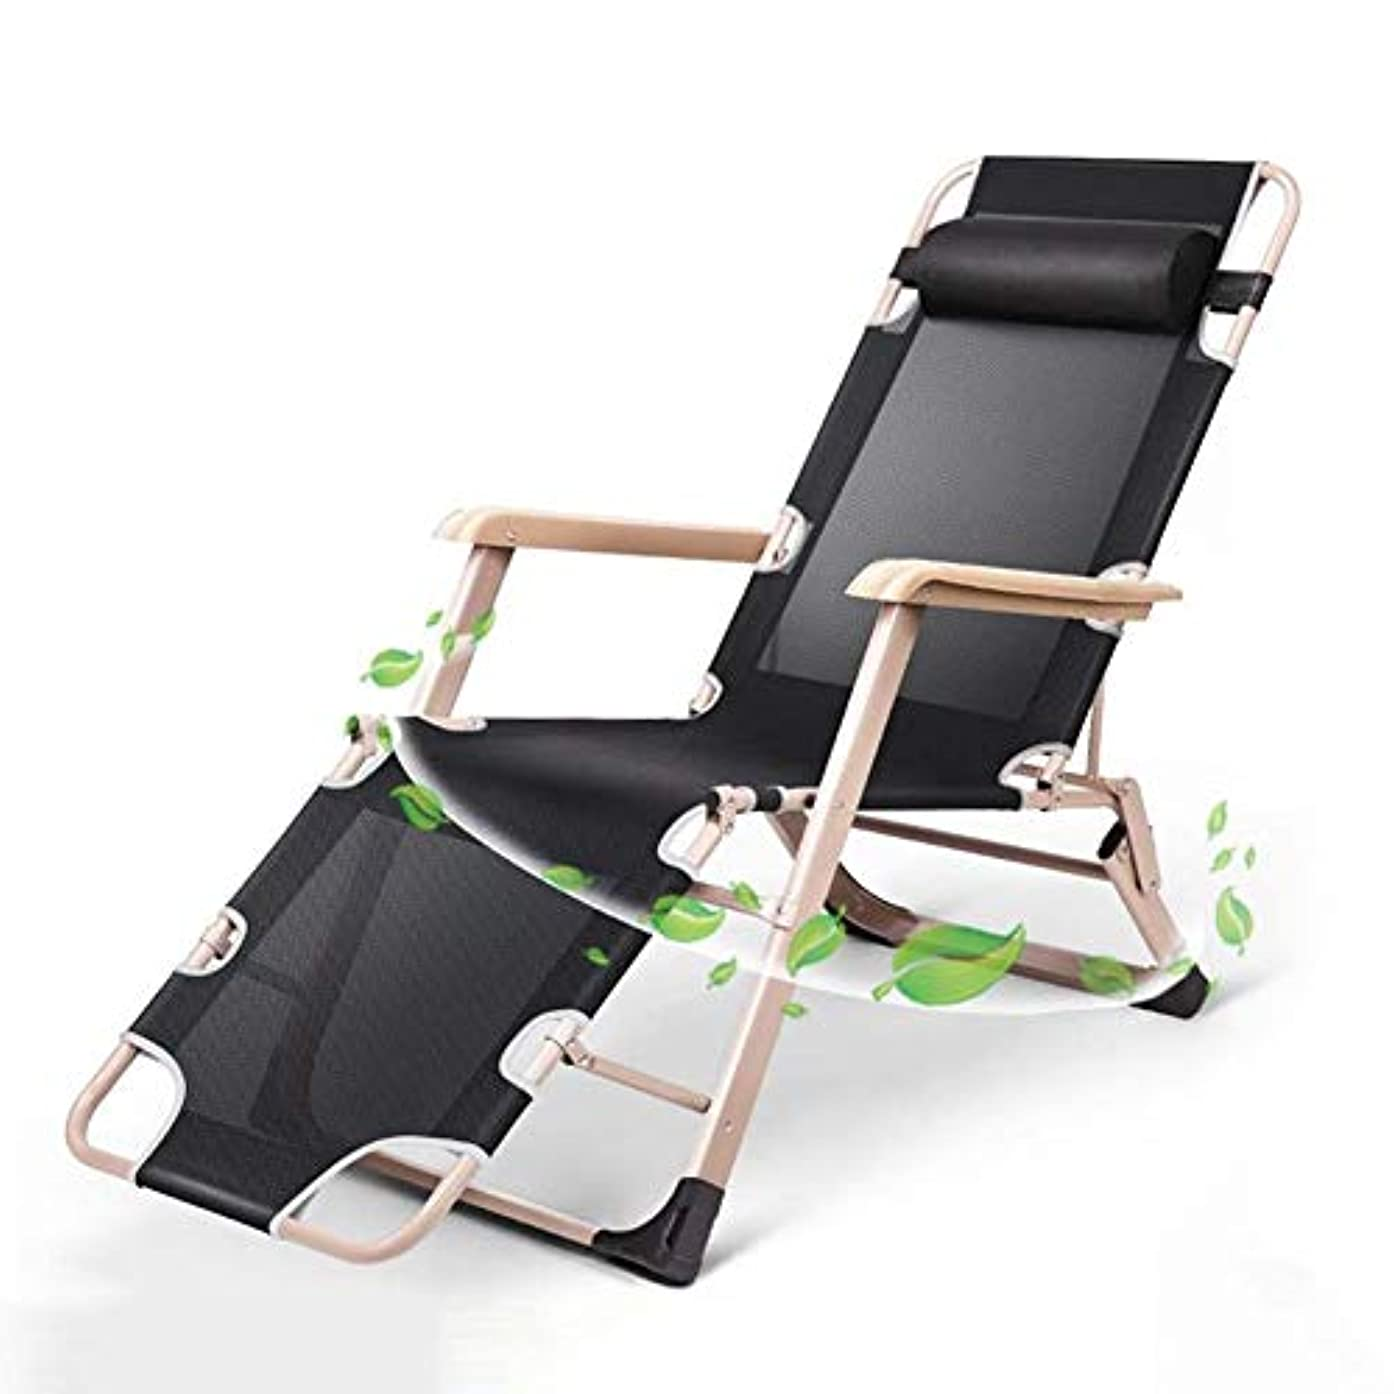 軽く氷請うヘビーデューティ人のための特大パティオTextolineゼロ重力椅子、屋外ガーデンデッキサンラウンジャー、折りたたみリクライニングチェア、サポート200 kg,B